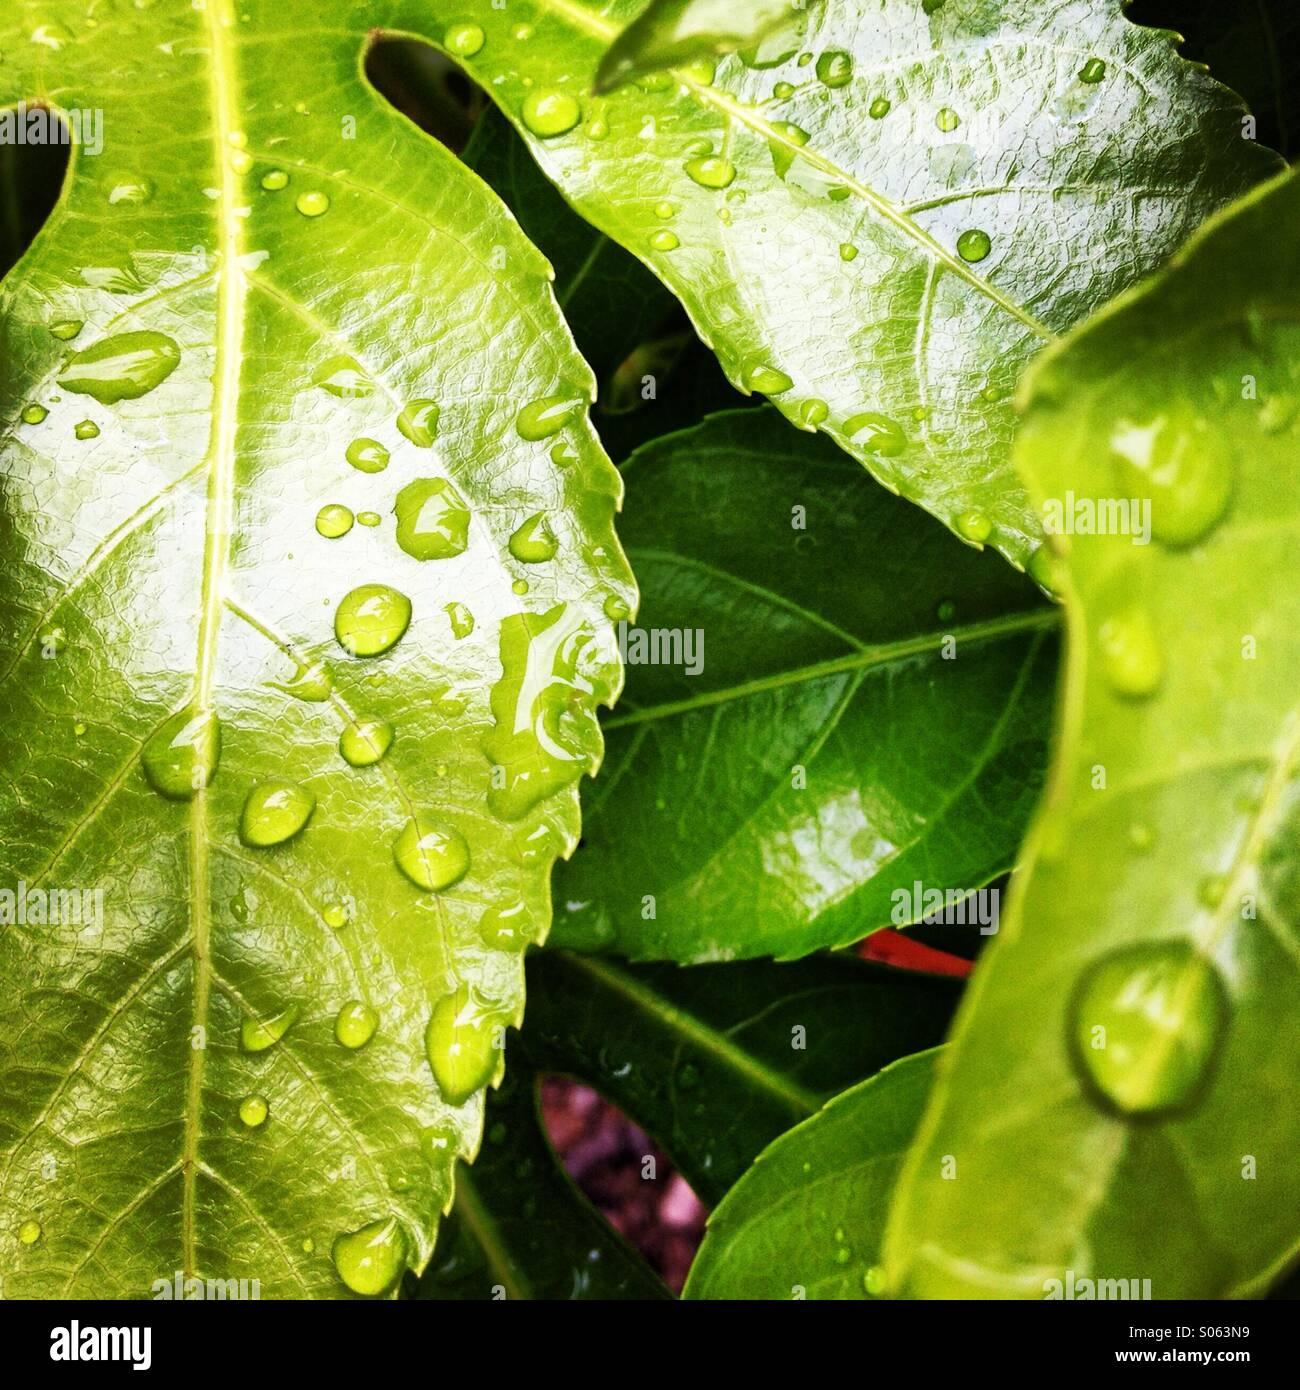 Gouttes de pluie sur feuille poli Photo Stock